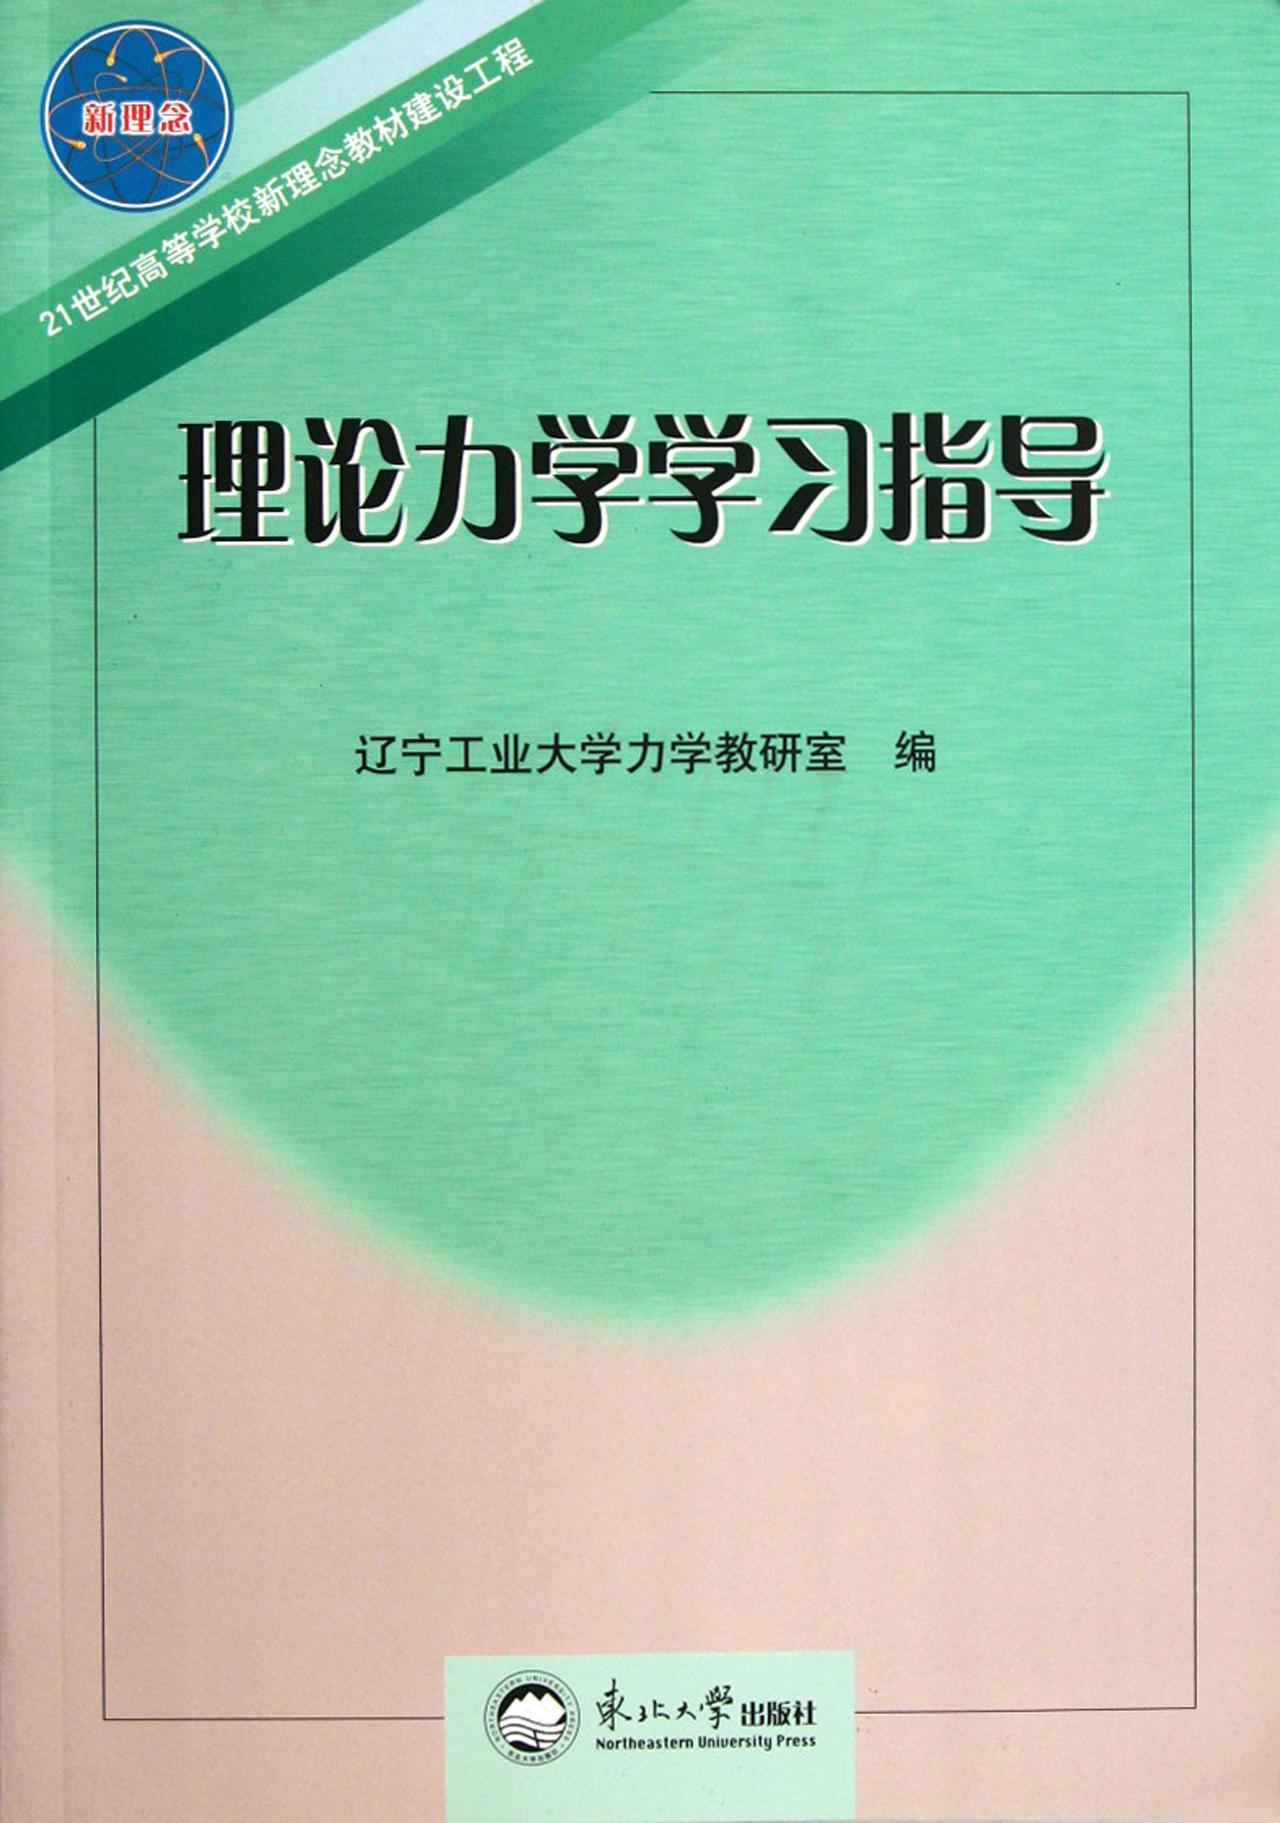 理論力學學習指導(21世紀高等學校新理念教材建設工程)